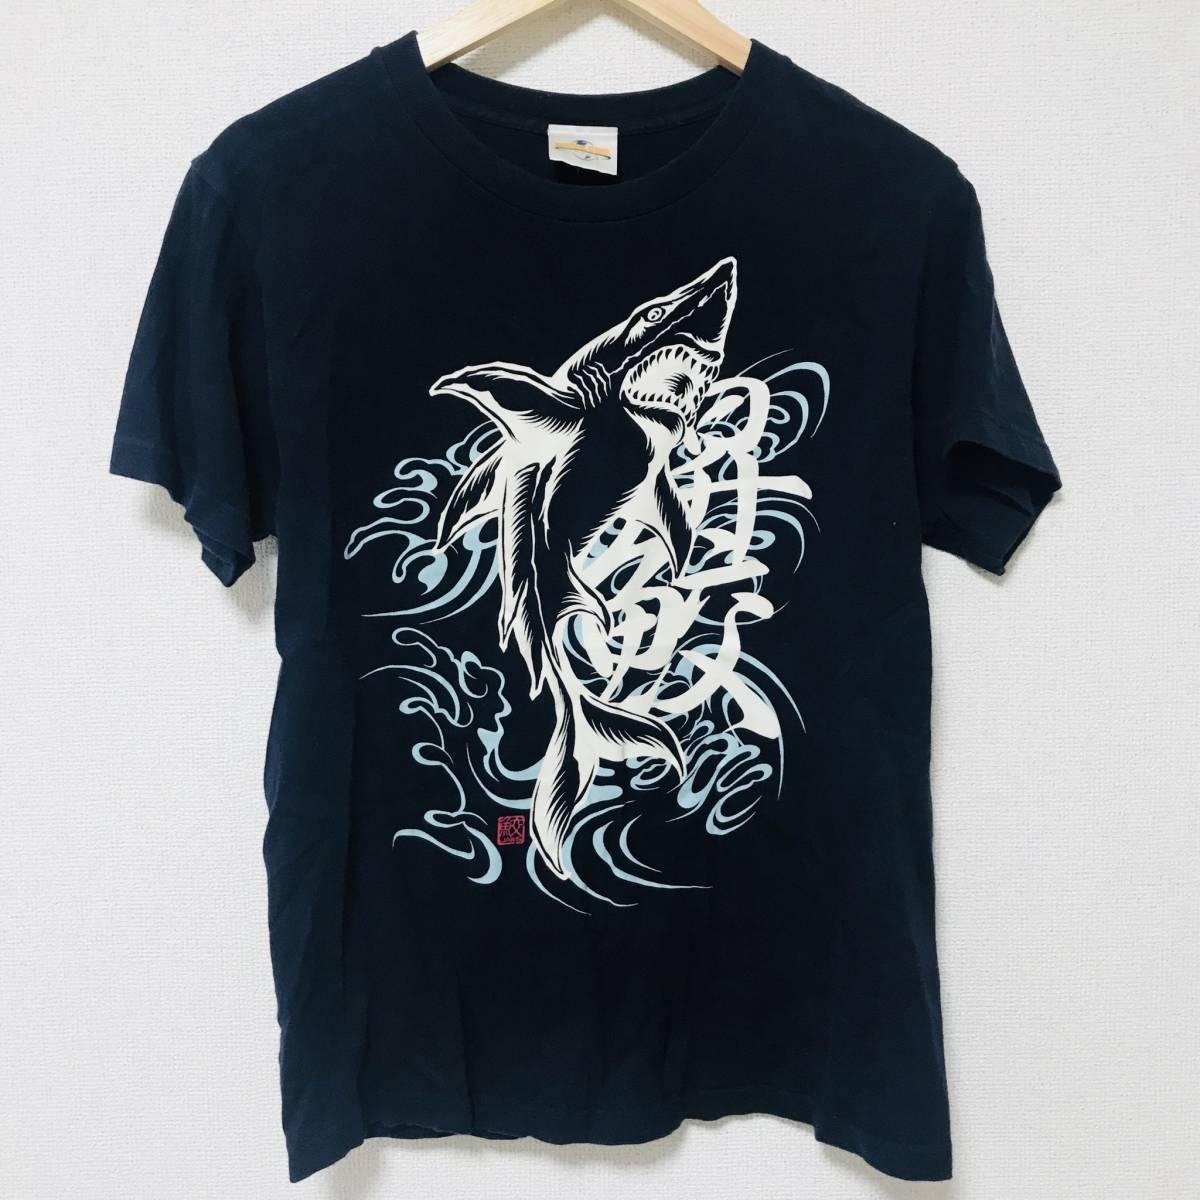 【珍品】映画ジョーズ JAWS 和柄 ユニバーサル スタジオジャパン 半袖Tシャツ スティーヴン・スピルバーグ ネイビー